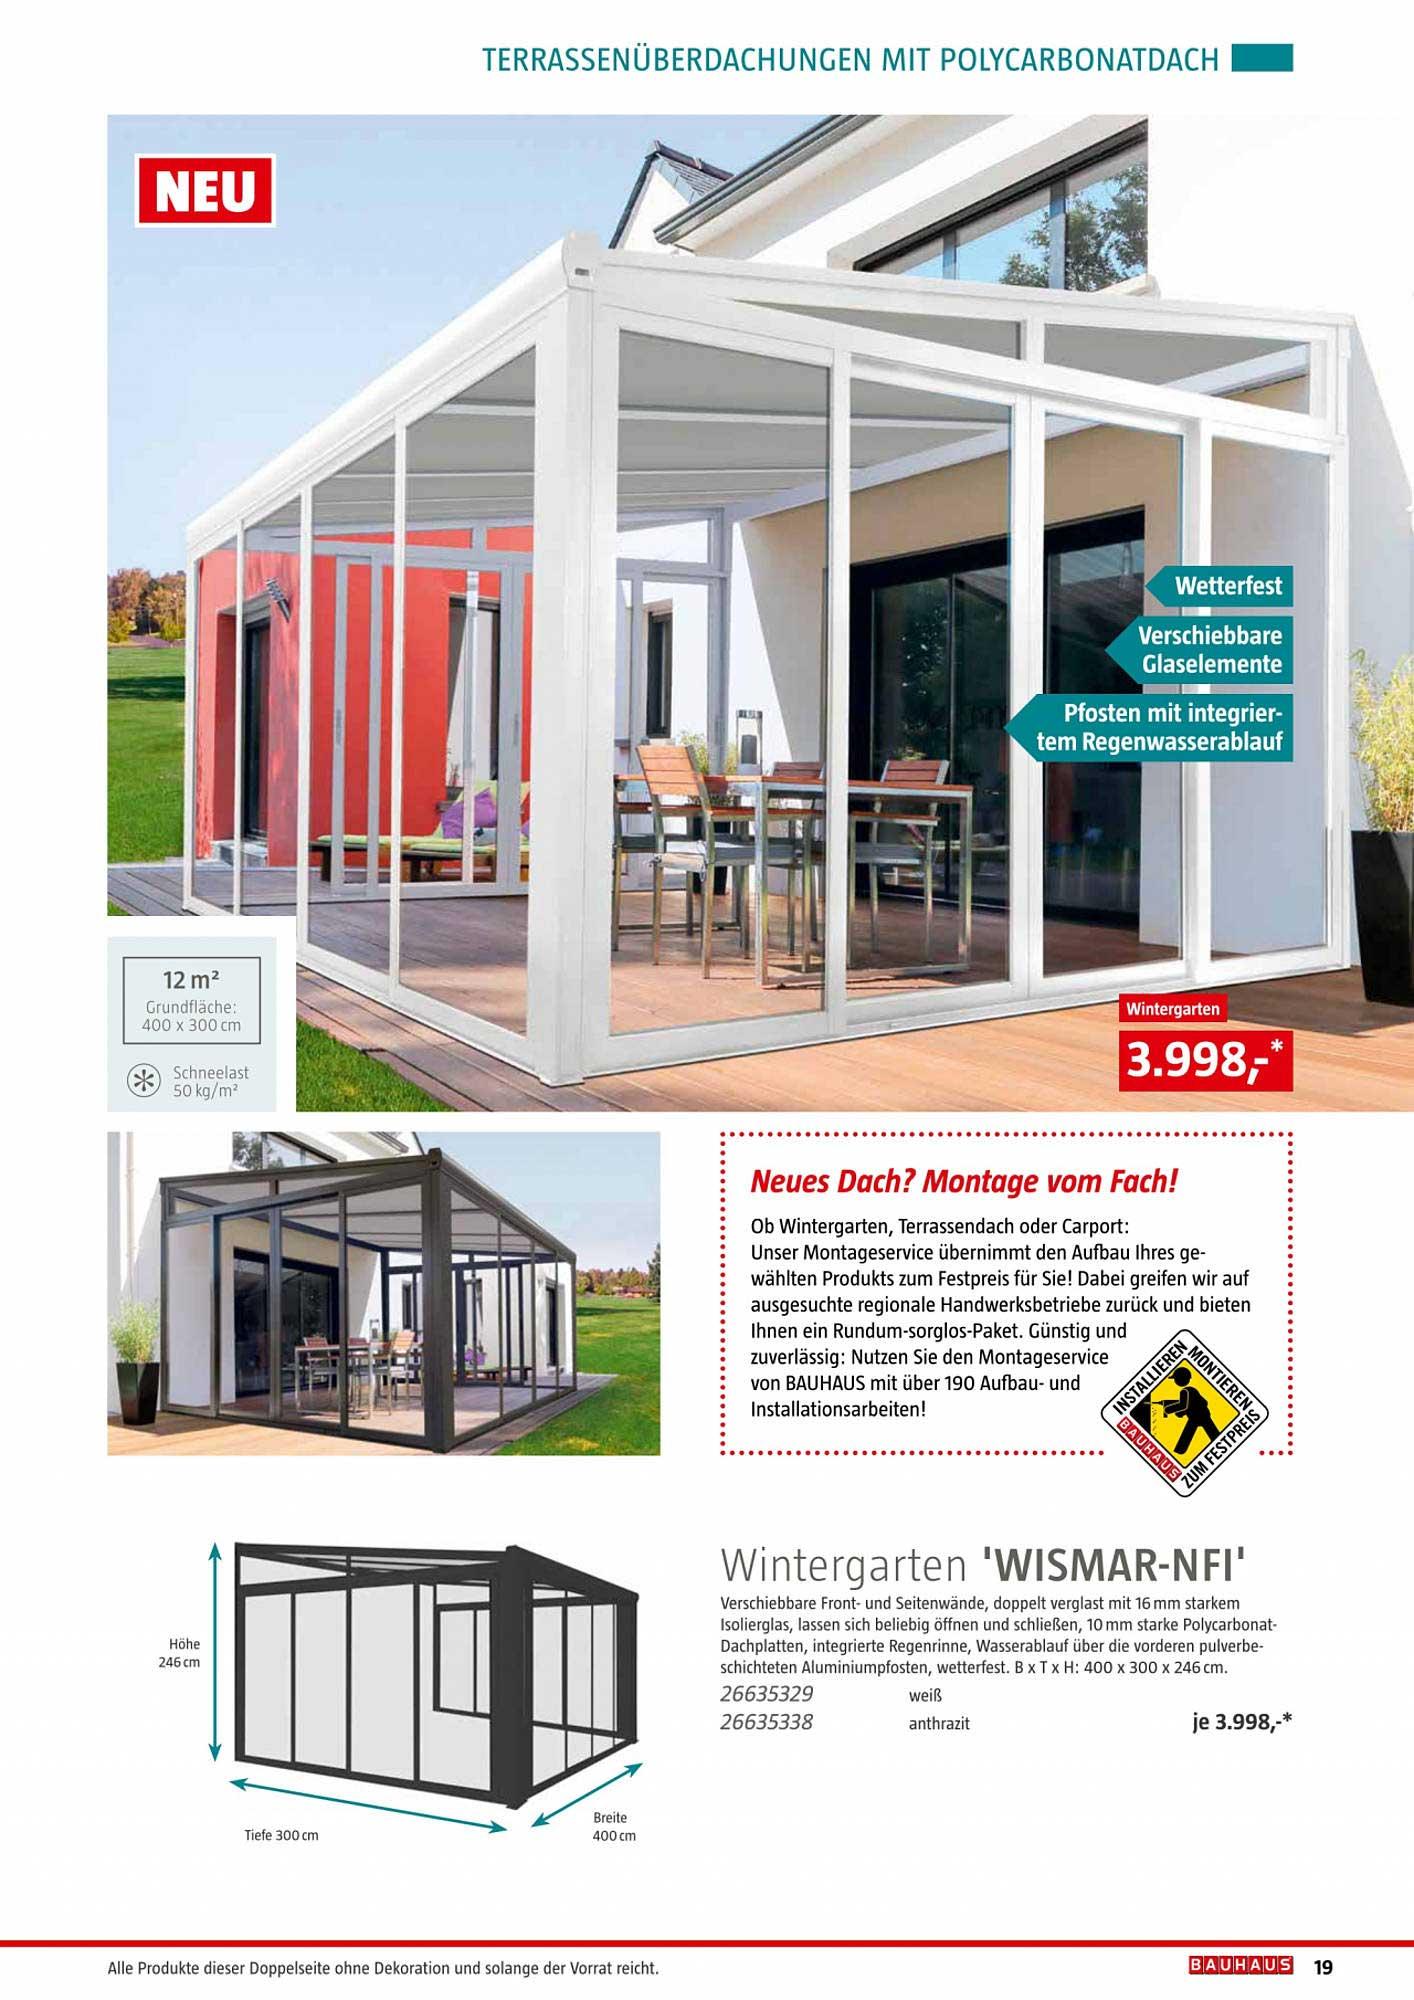 Bauhaus Wintergarten 'wismar NFI'